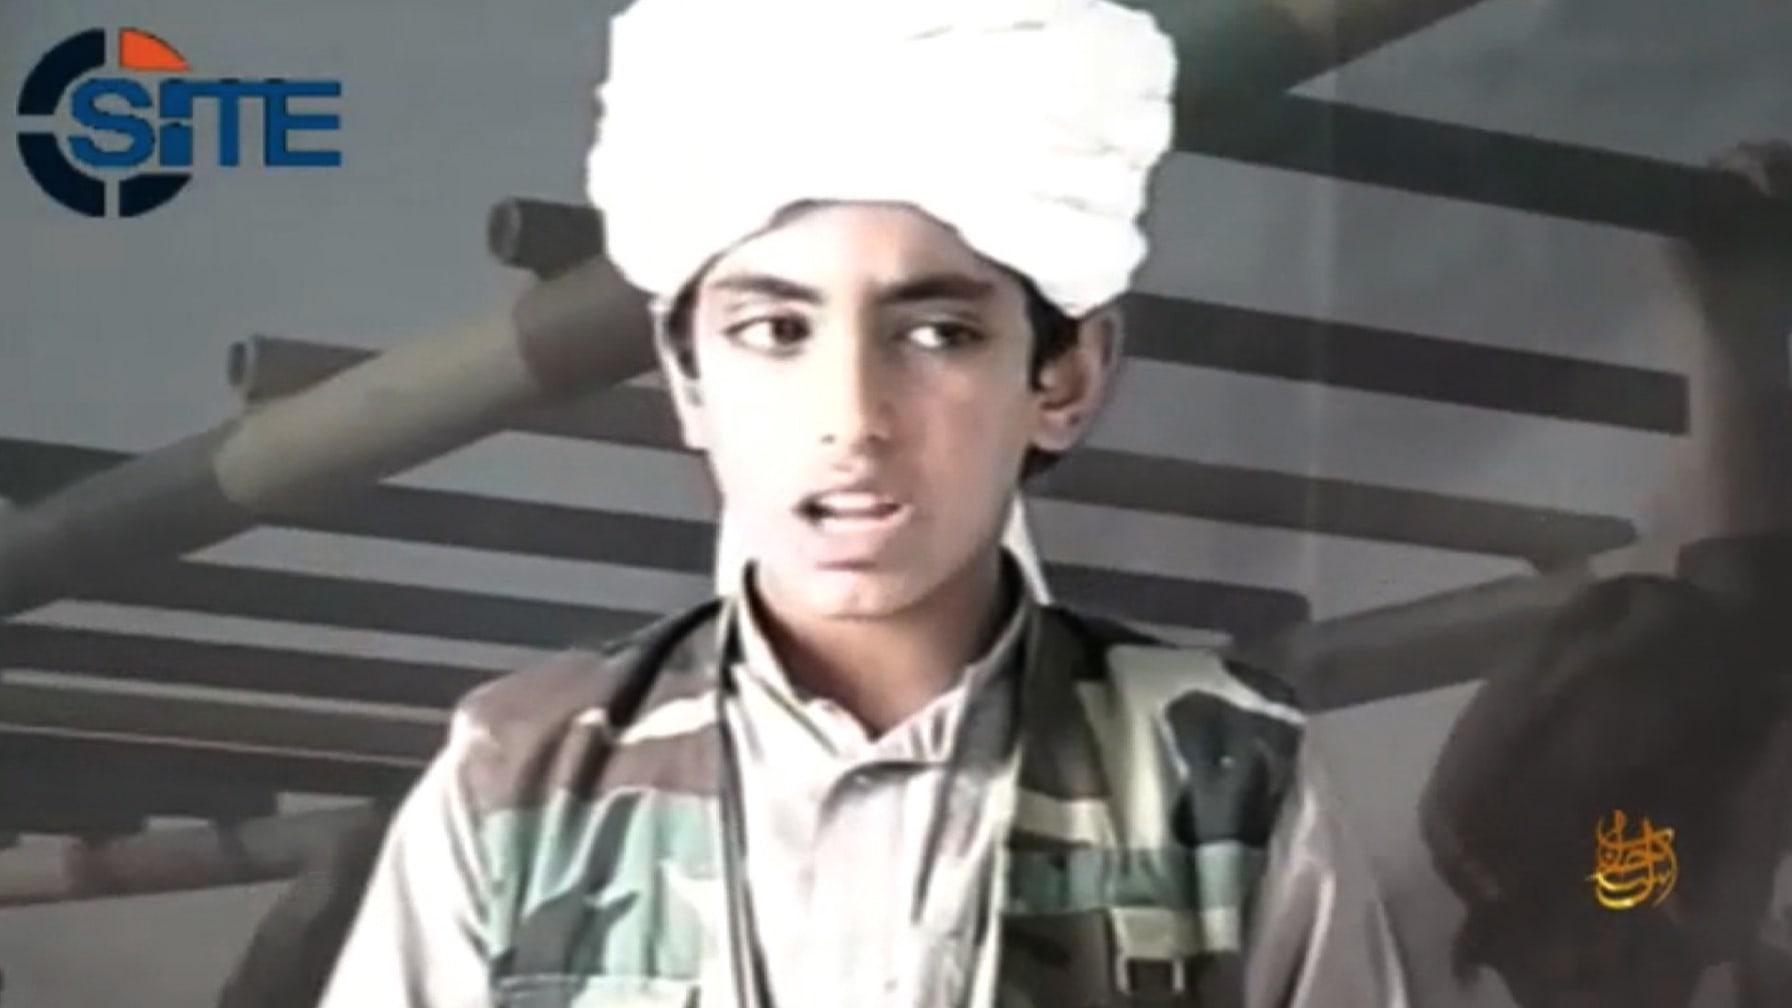 حمزة بن أسامة بن لادن.. هل يعيد الأضواء للقاعدة ويخلف والده في قيادة التنظيم؟